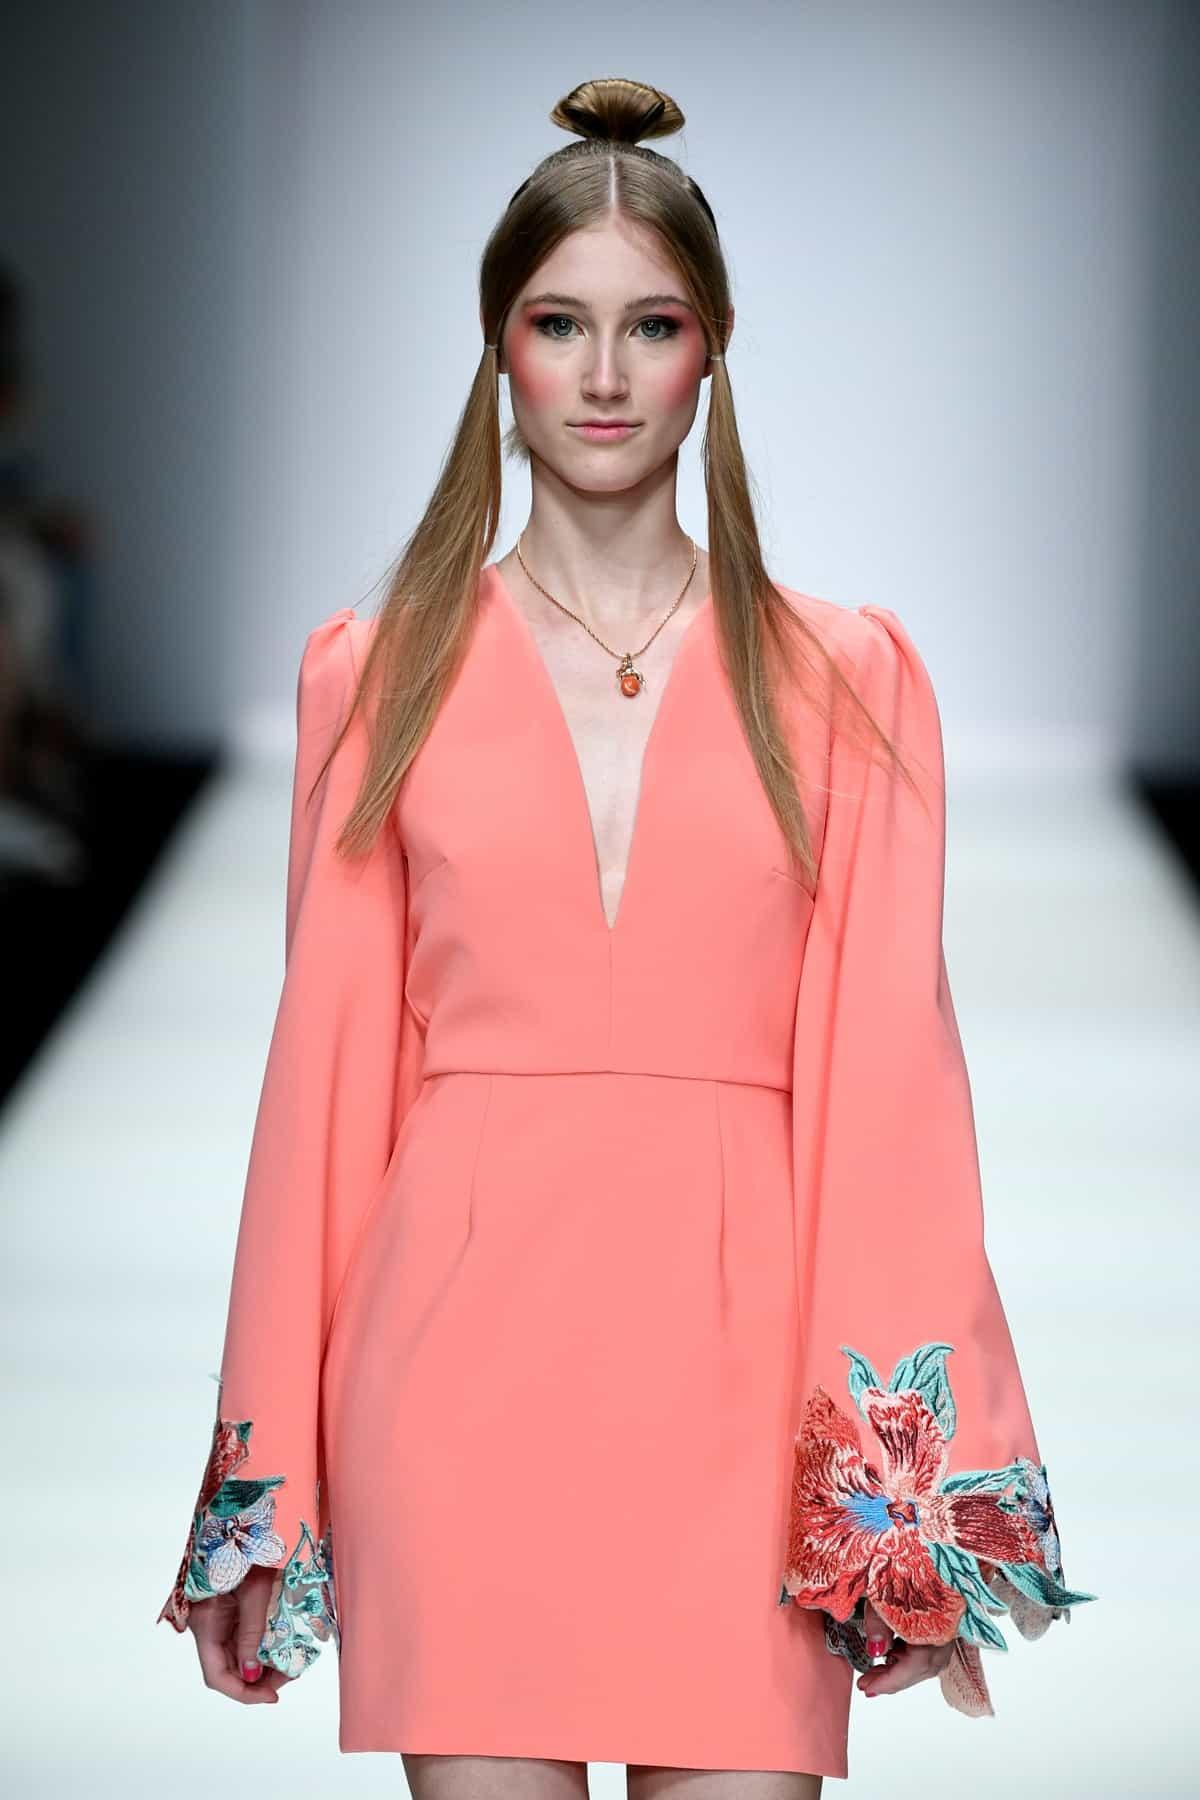 Sommermode 2020 von Lana Mueller zur MBFW auf der Fashion Week Berlin Juli 2019 - 2